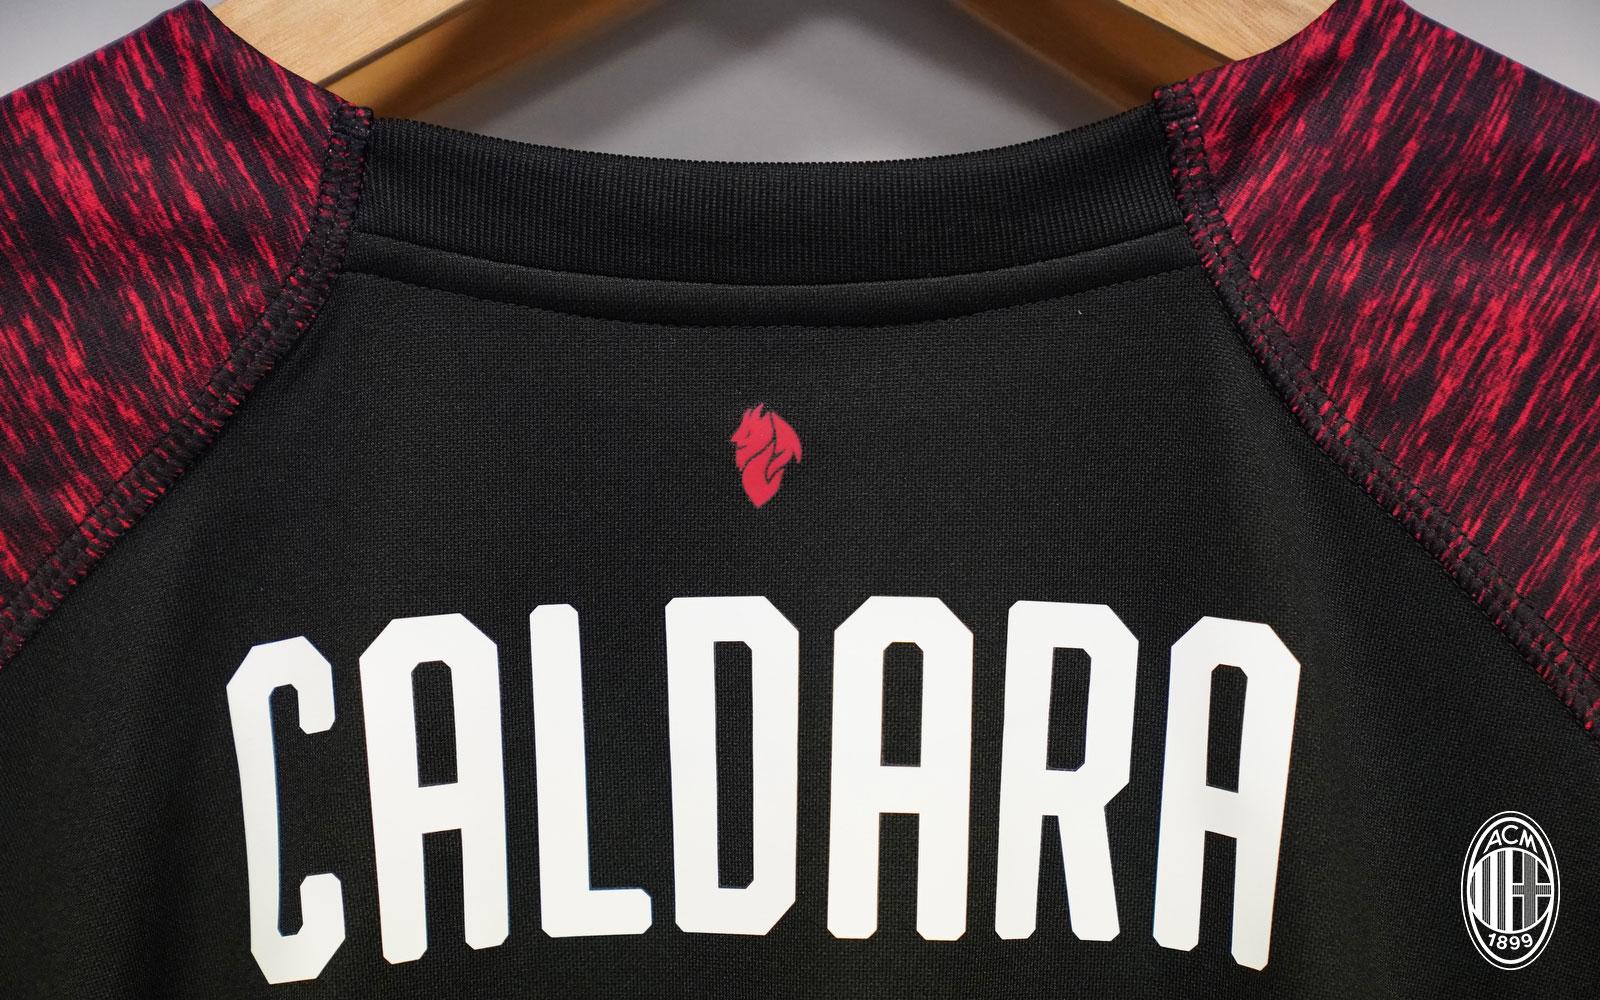 Mattia Caladara's shirt before Real Madrid-Milan at Estadio Santiago Bernabéu on August 11, 2018. (@acmilan.com)